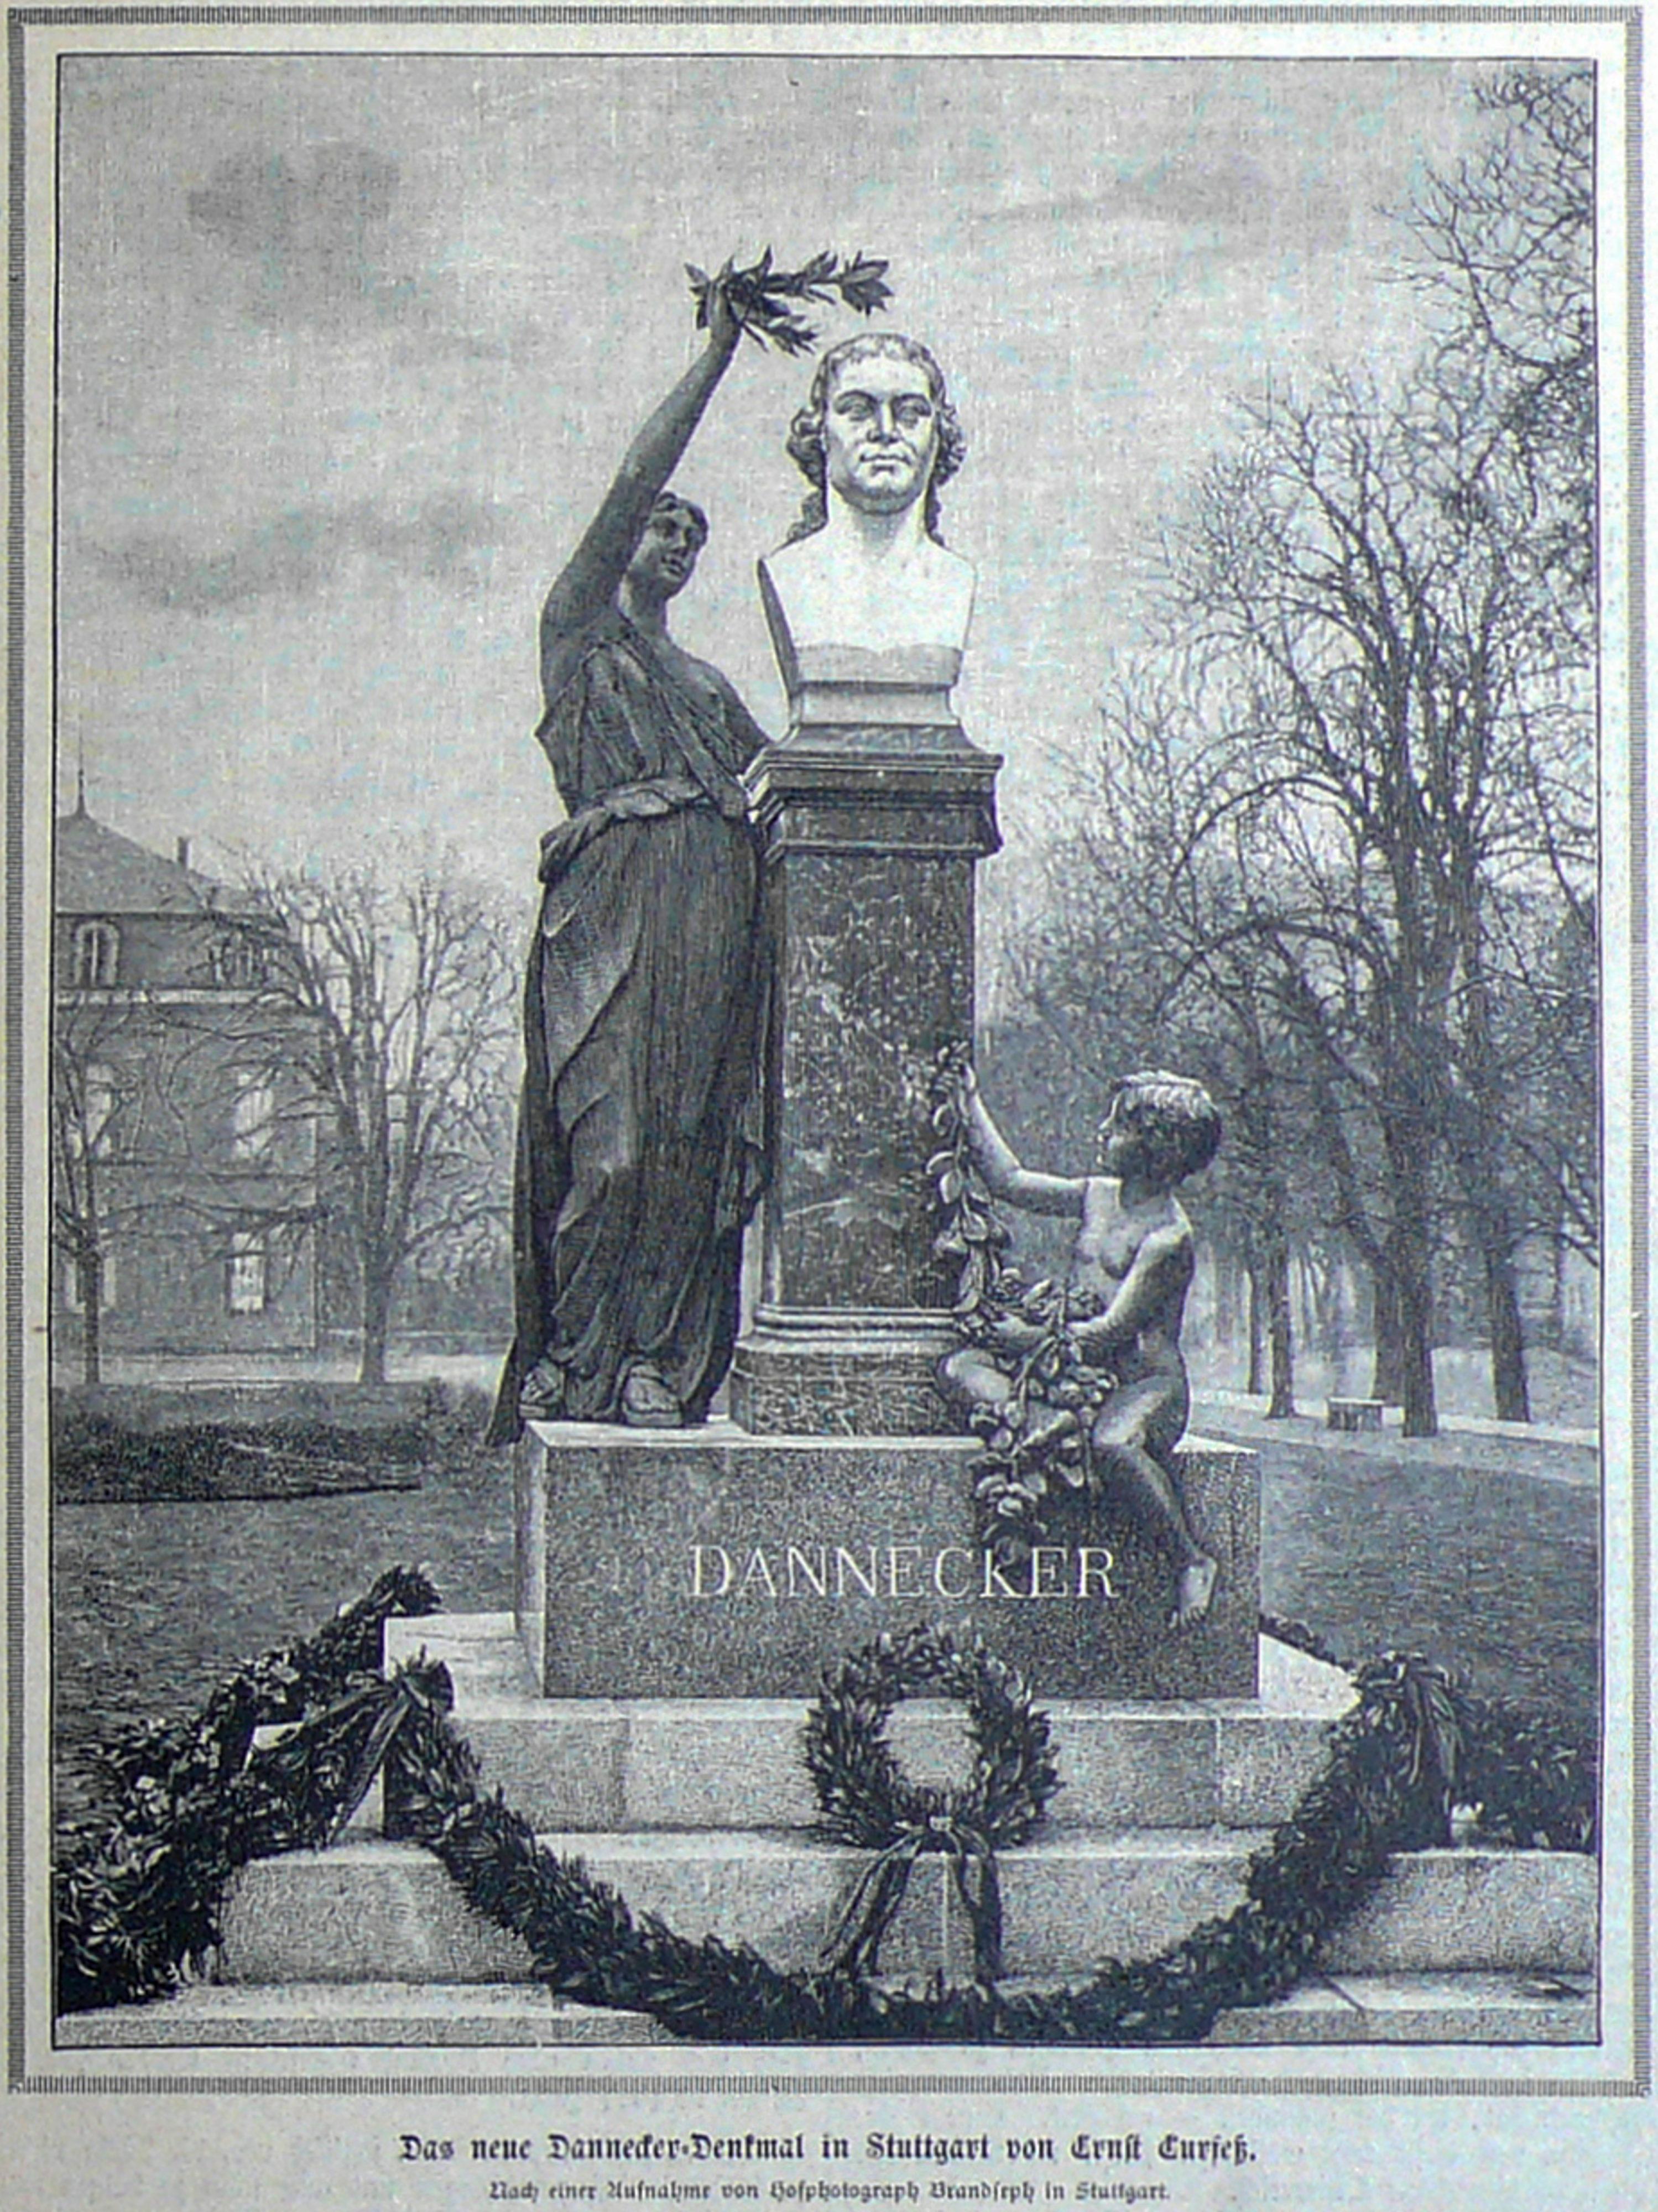 Bekanntmachung des Dannecker-Denkmals von Ernst Curfeß 1888